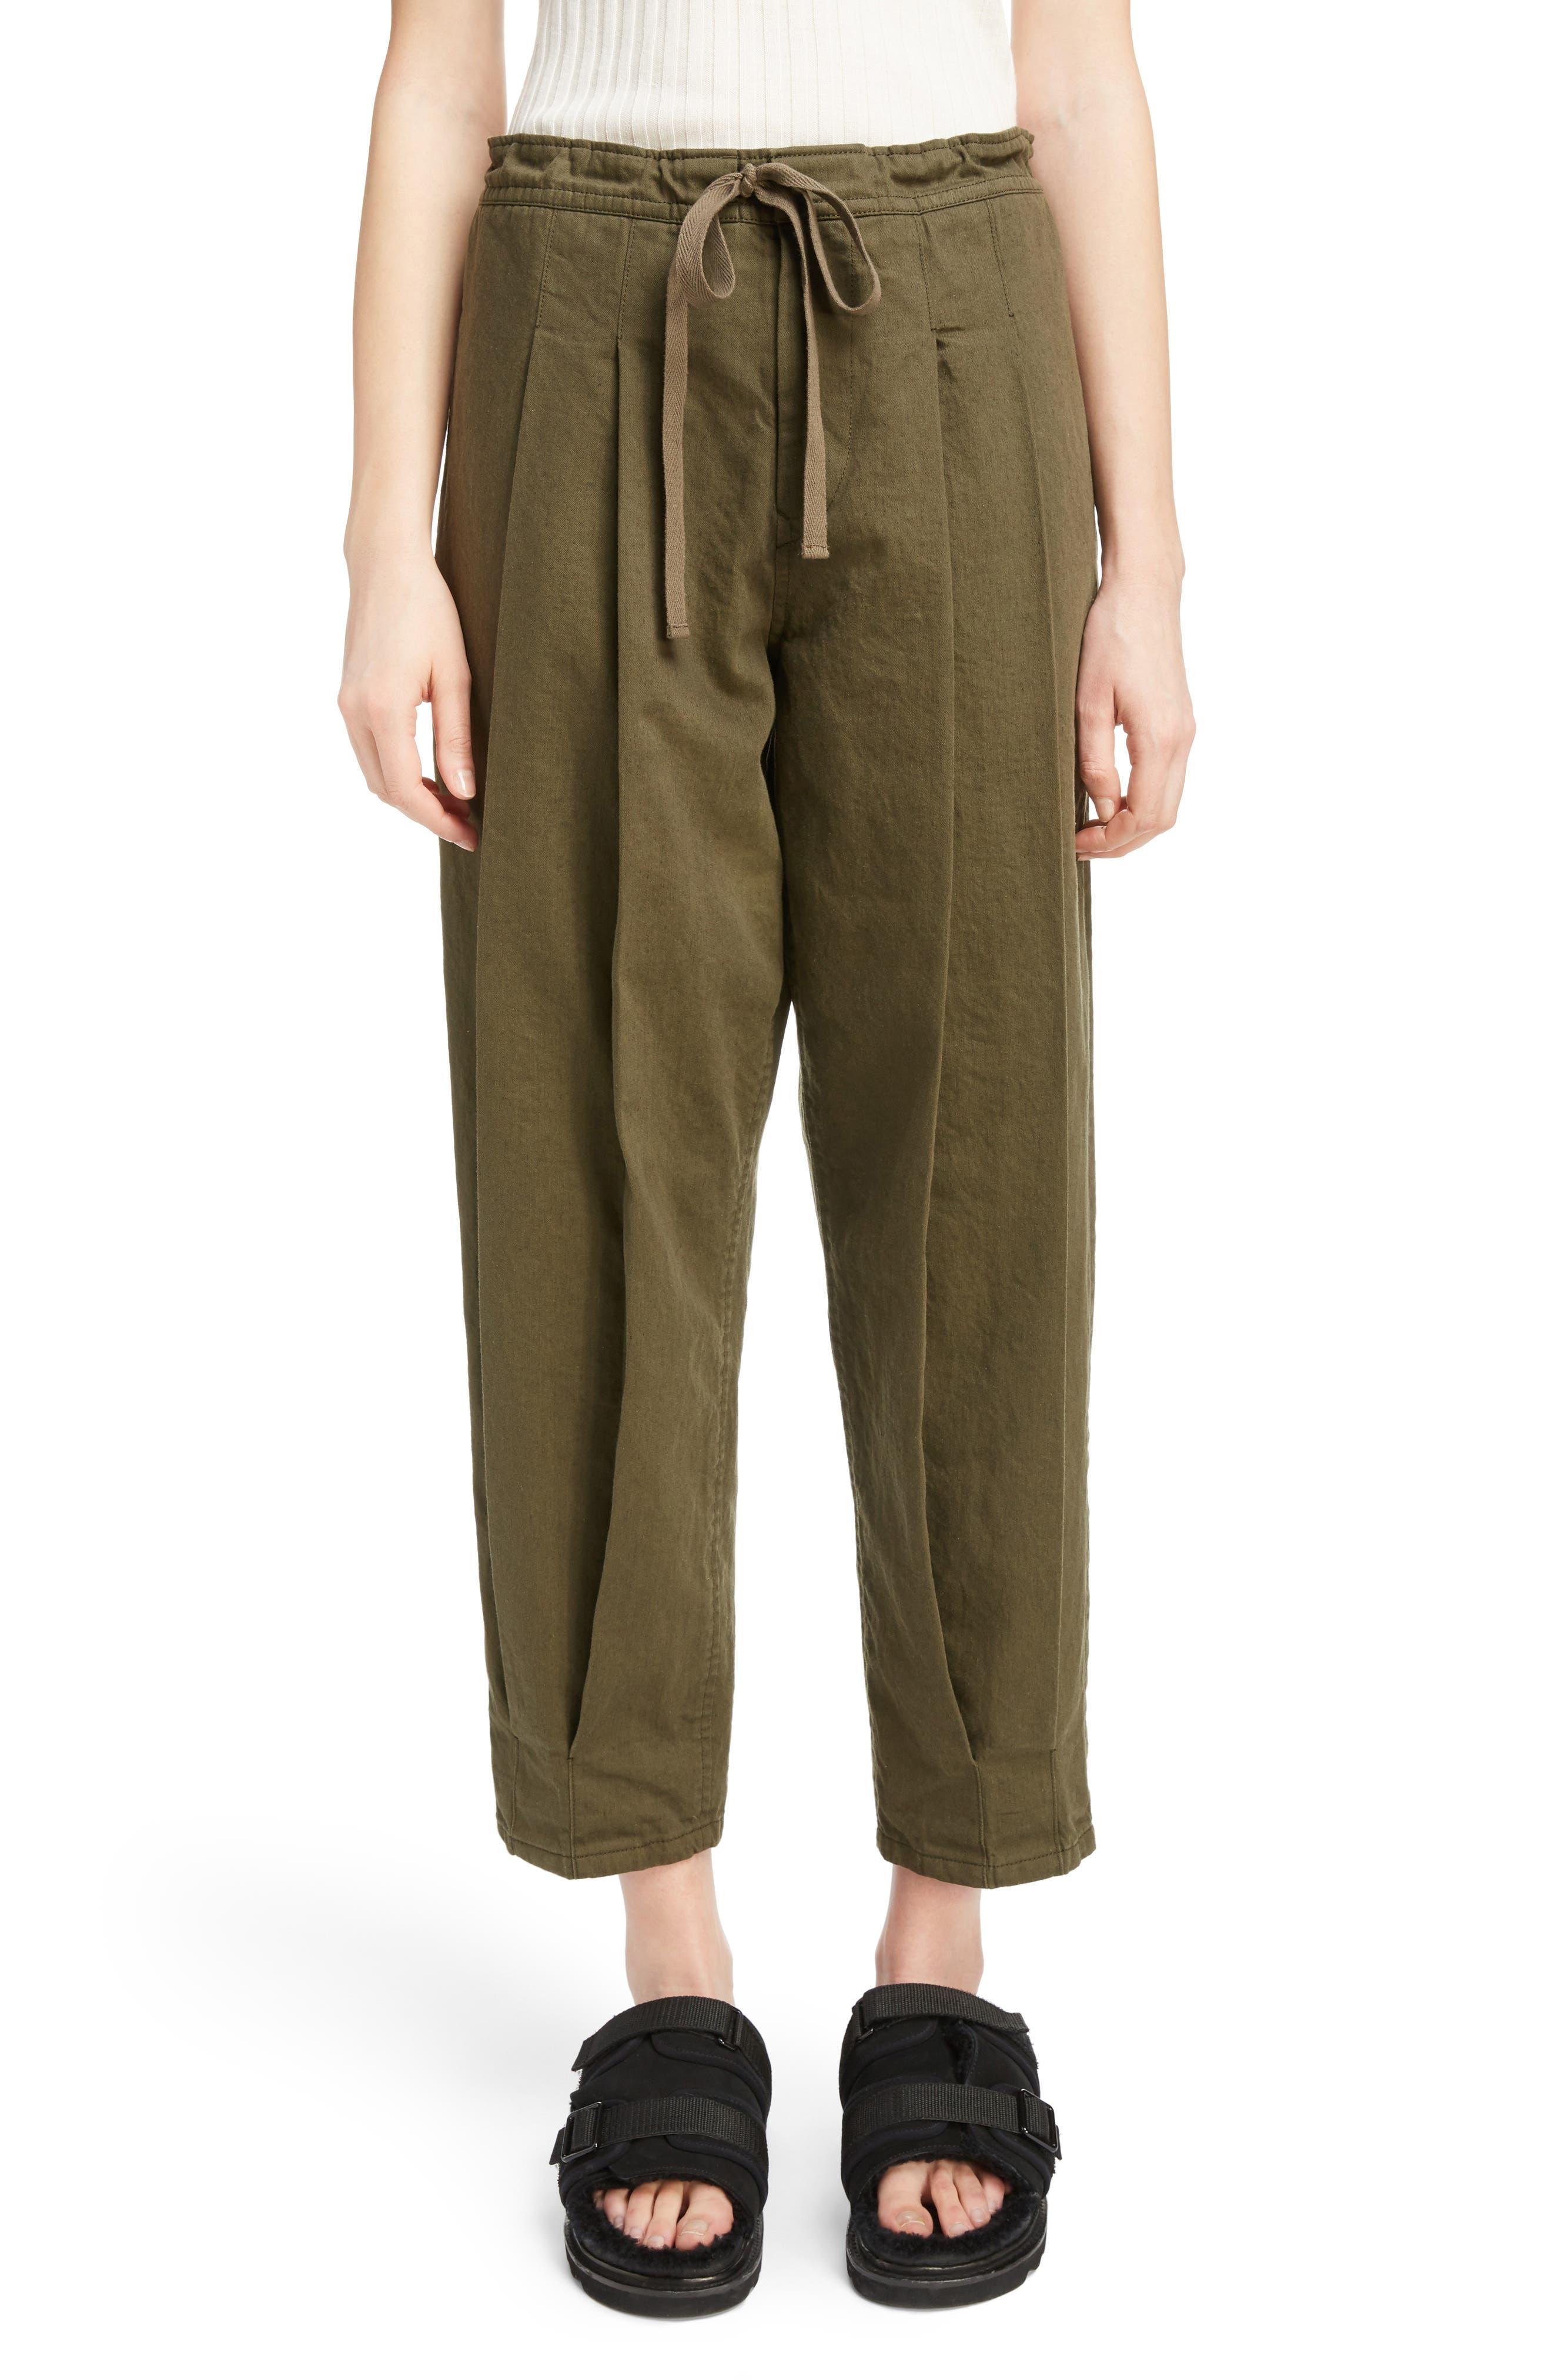 Dart Front Drawstring Pants,                             Main thumbnail 1, color,                             300